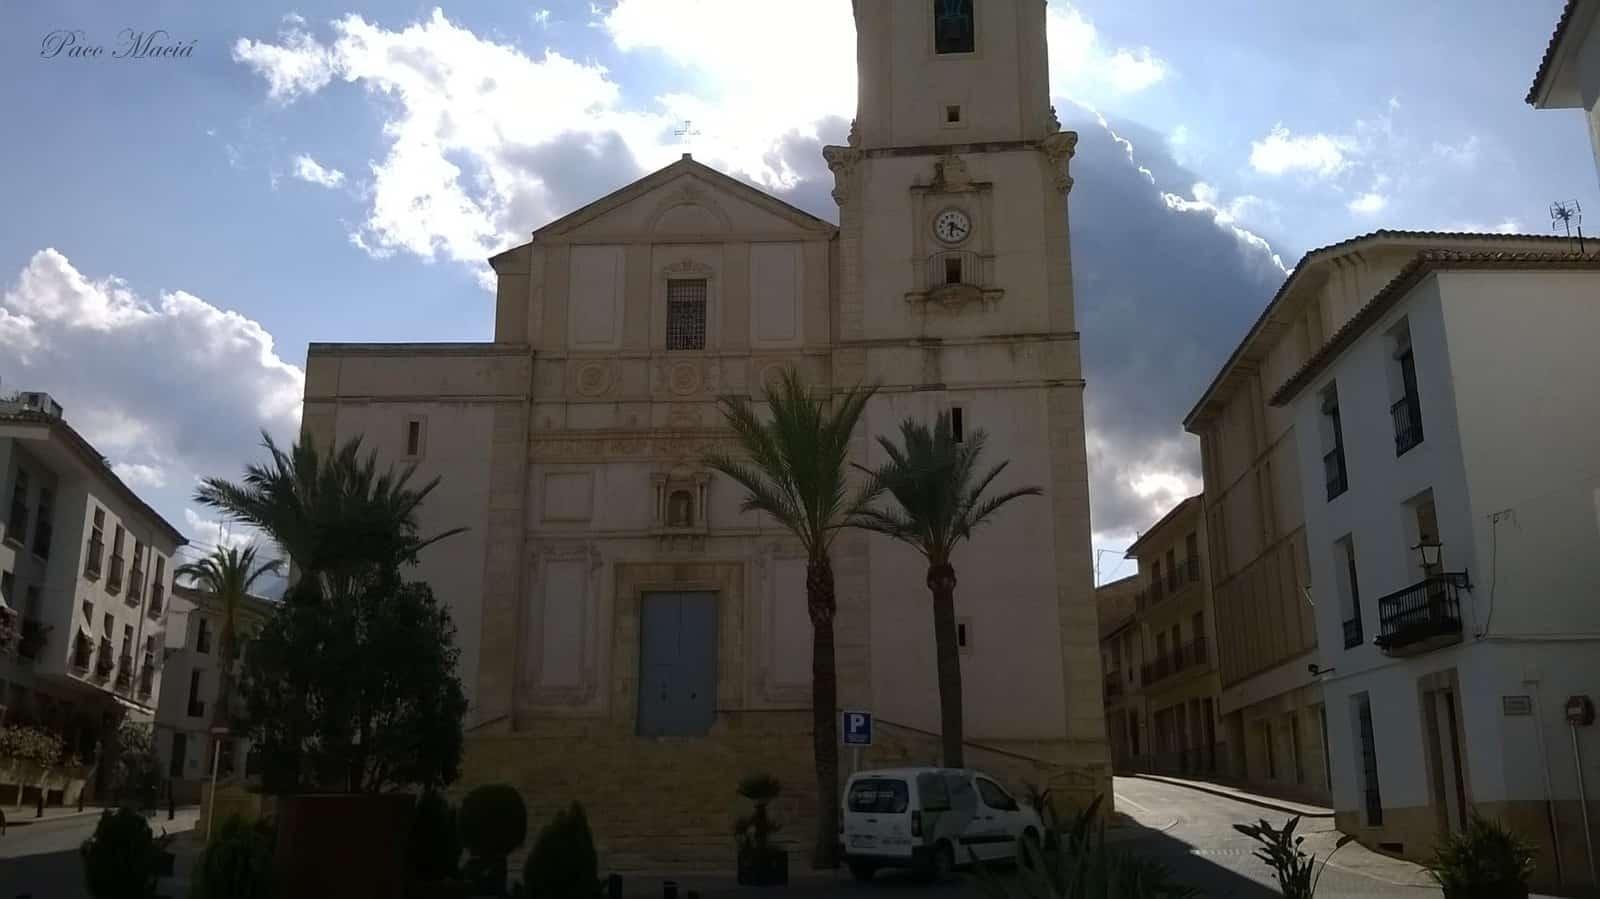 1435153461_16. La iglesia de La Nucia